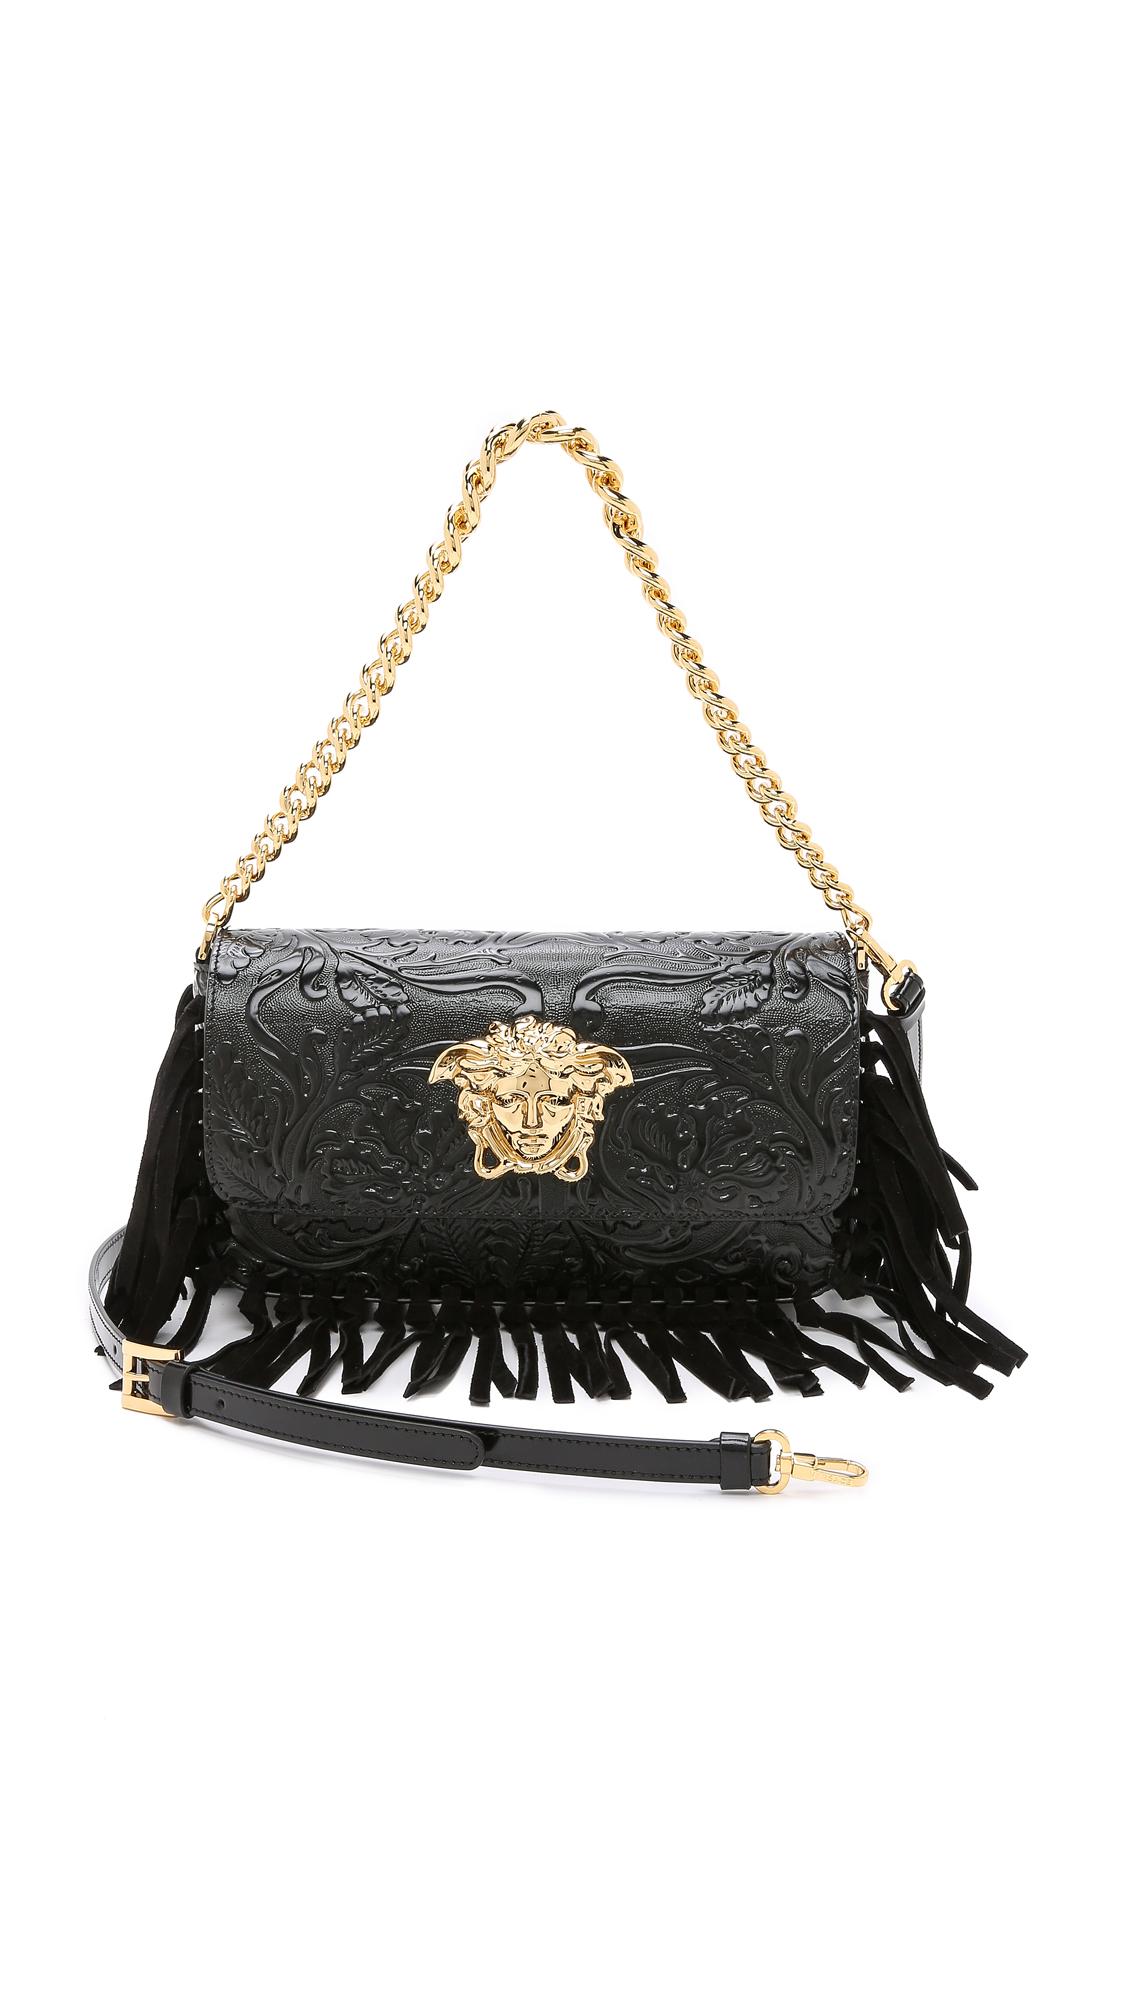 Versace Black Shoulder Bag 8